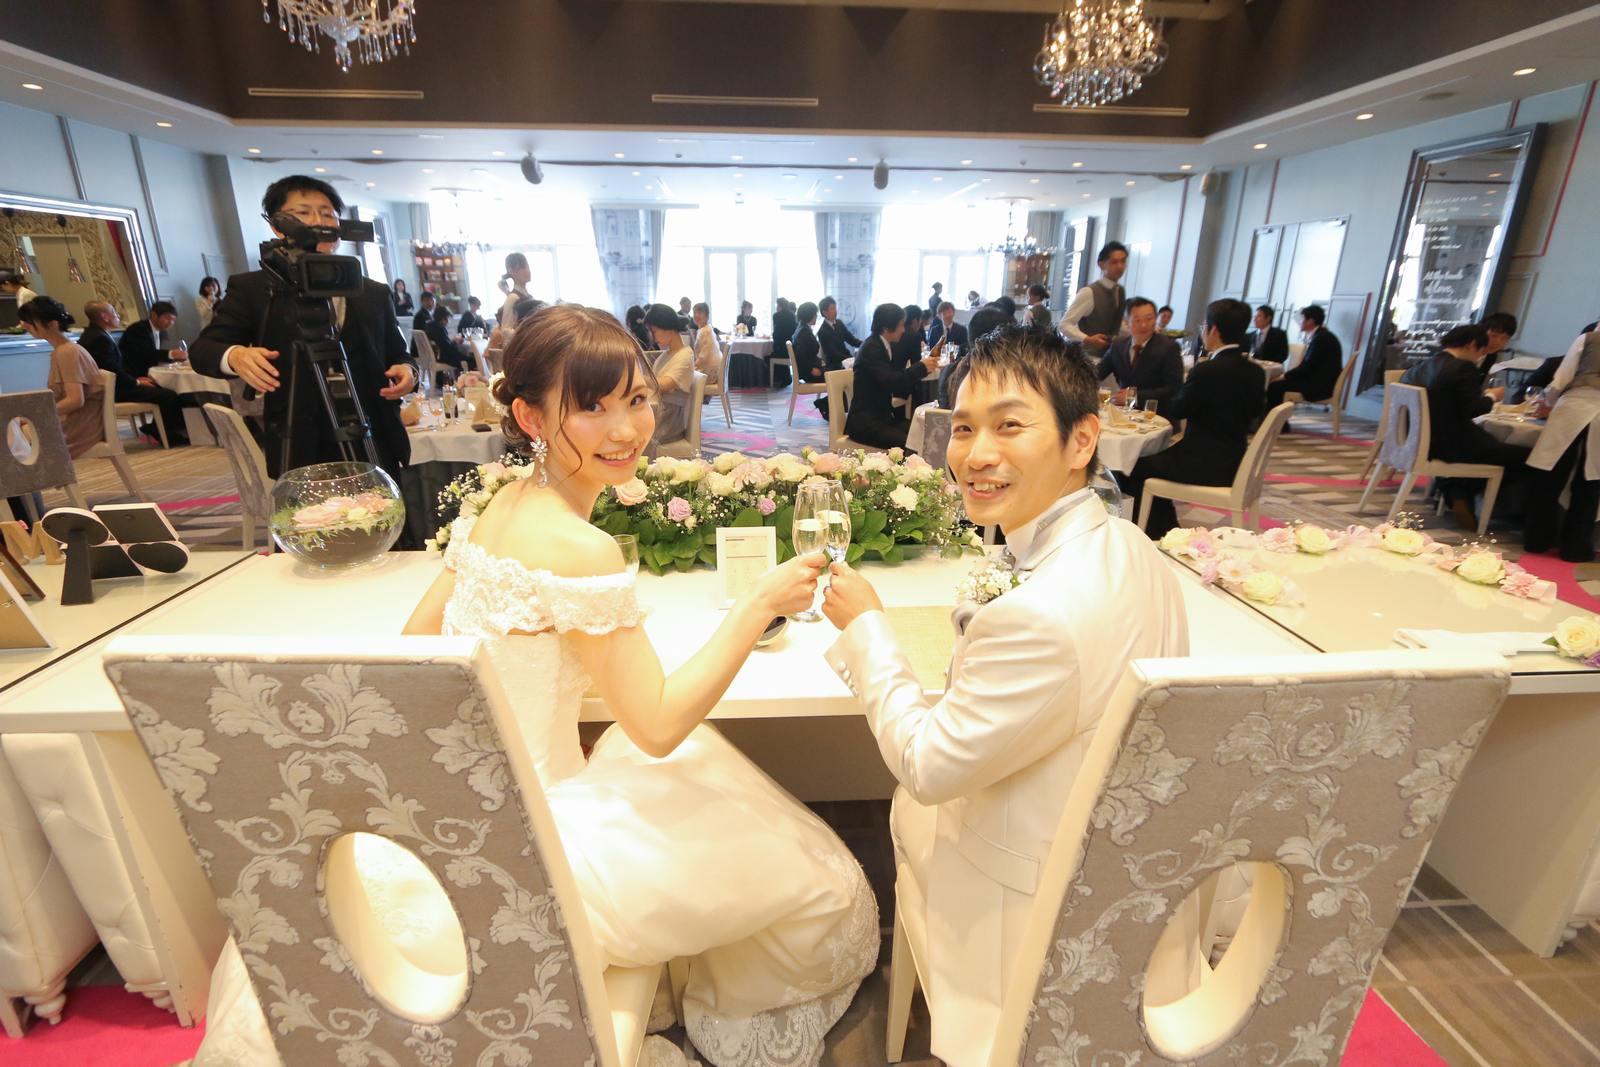 徳島市の結婚式場ブランアンジュで乾杯をしているメインテーブルの新郎新婦